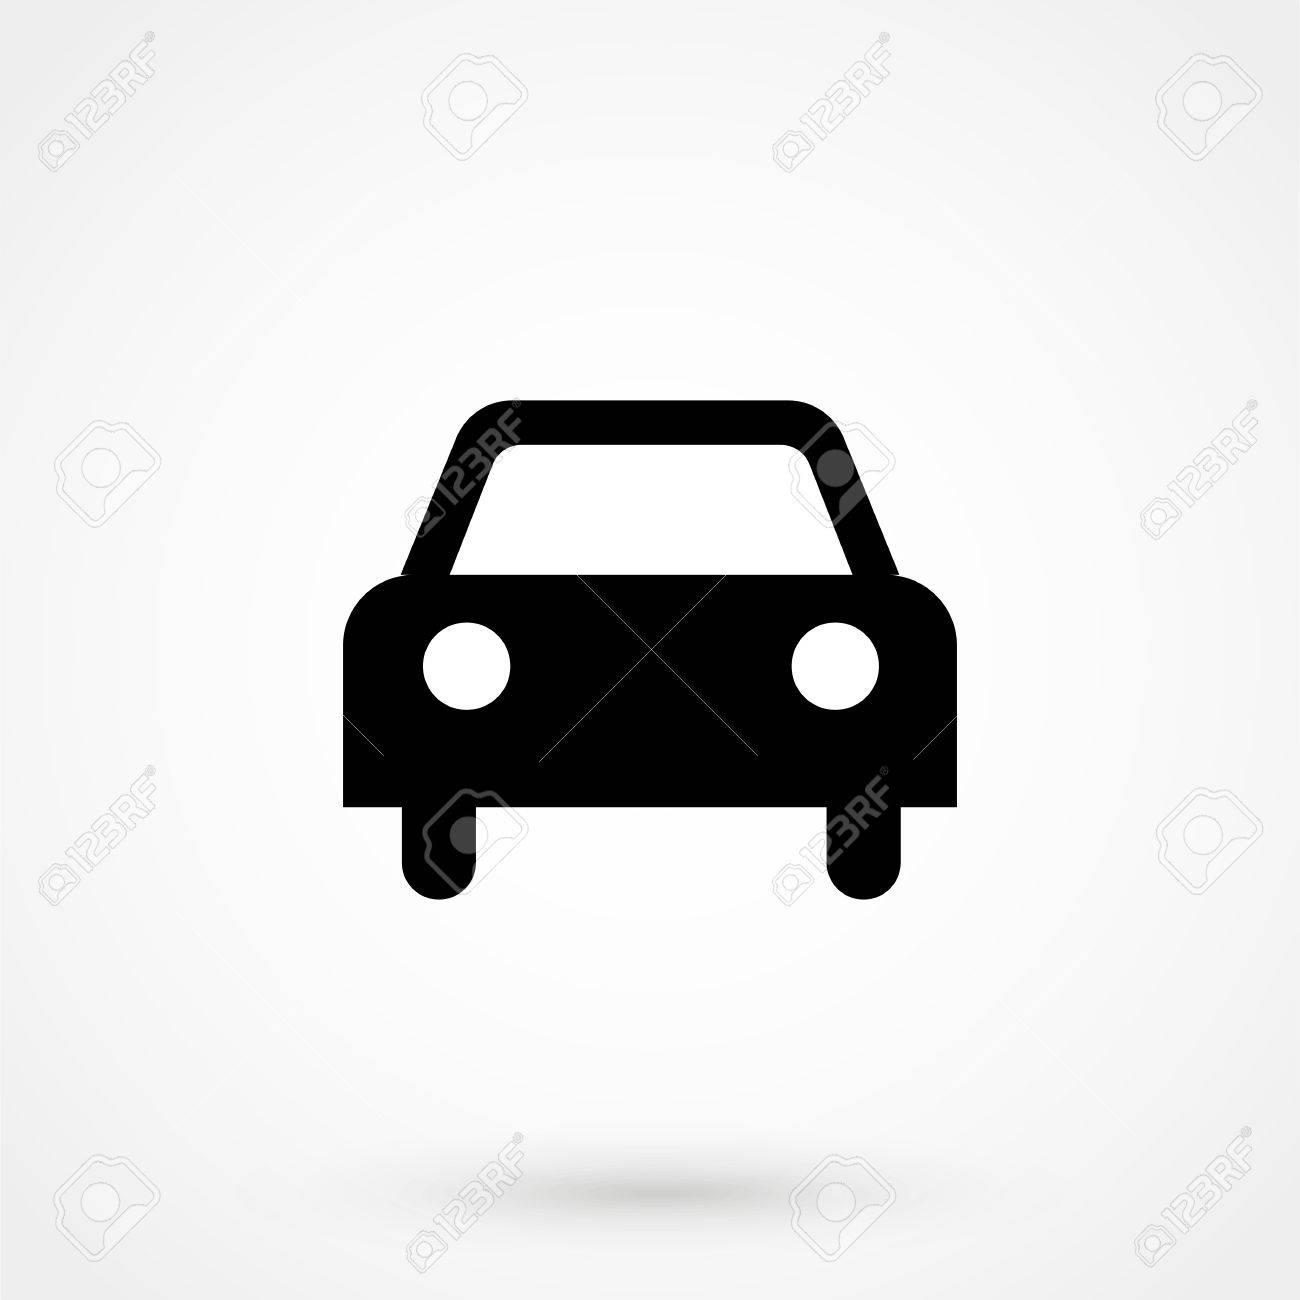 車アイコンの分離の簡単なフロント車イラストのイラスト素材ベクタ